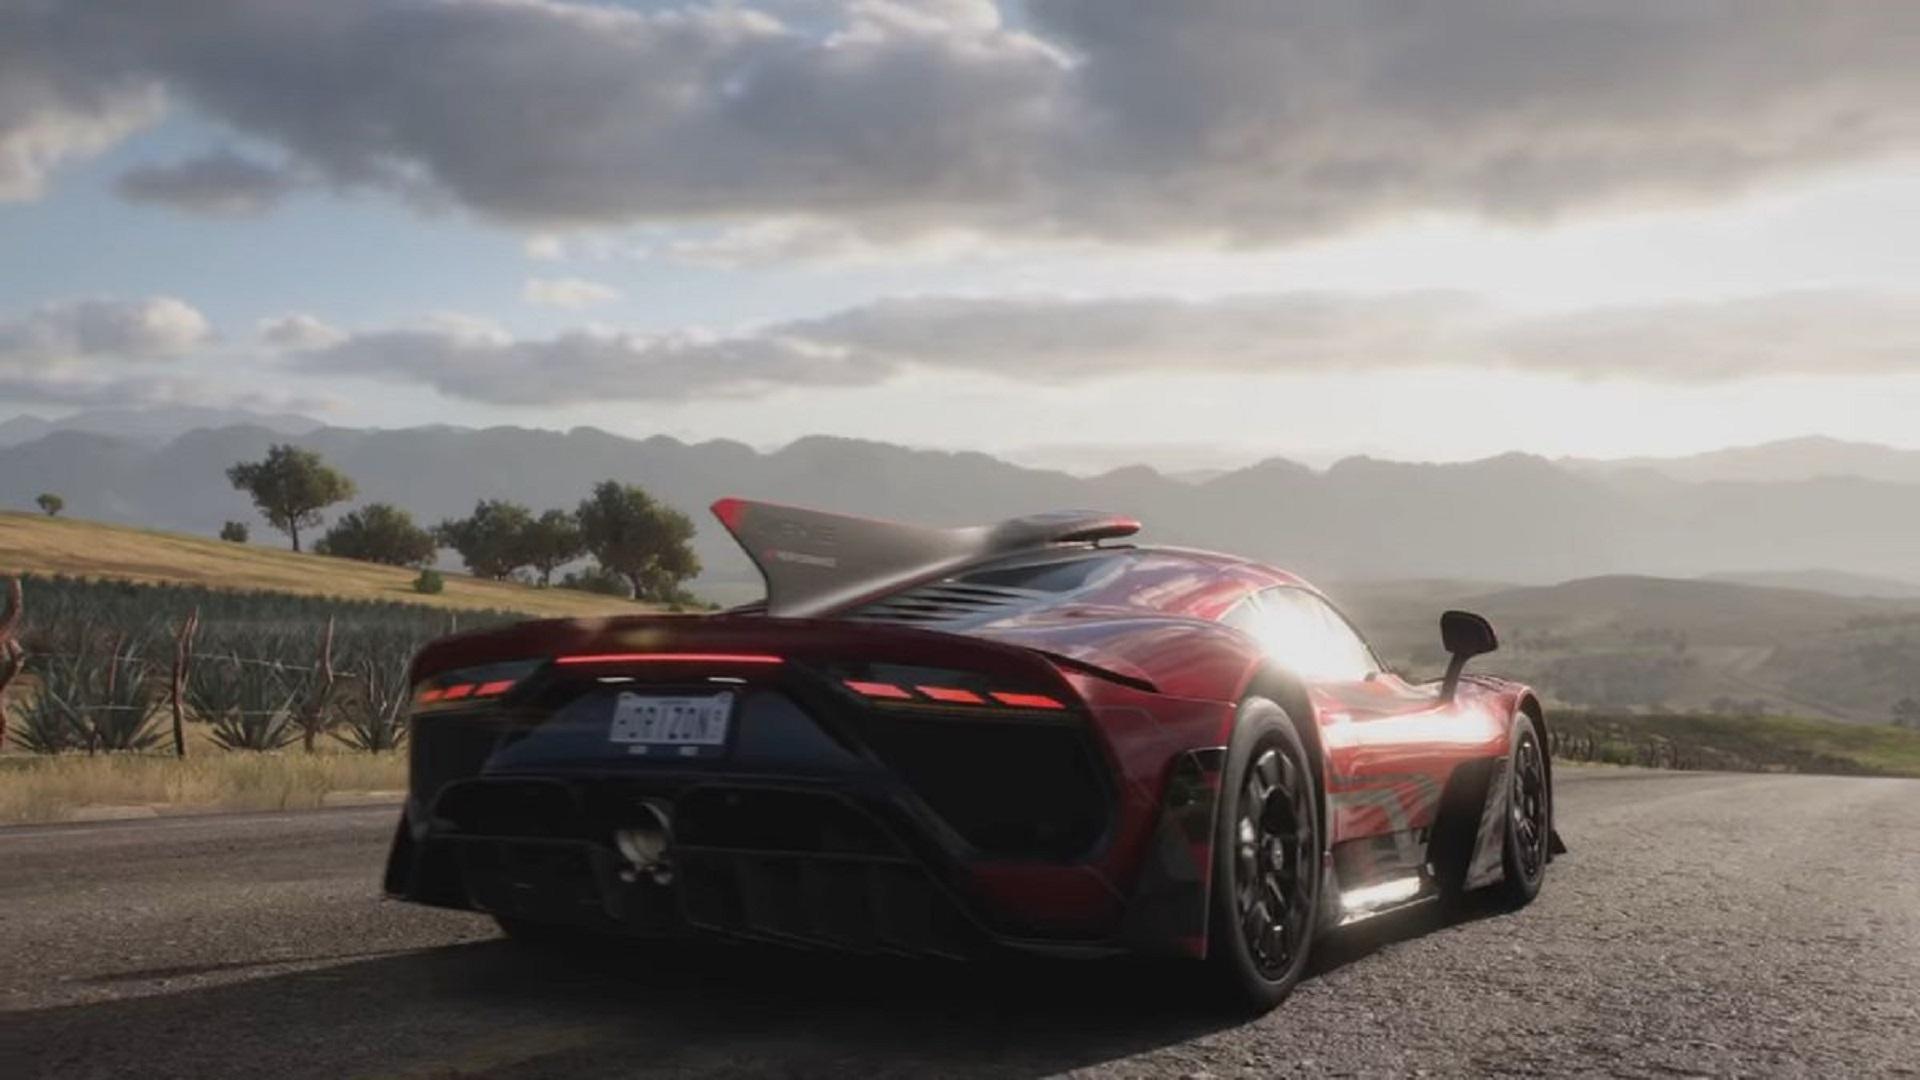 تریلر گیم پلی بازی Forza Horizon 5